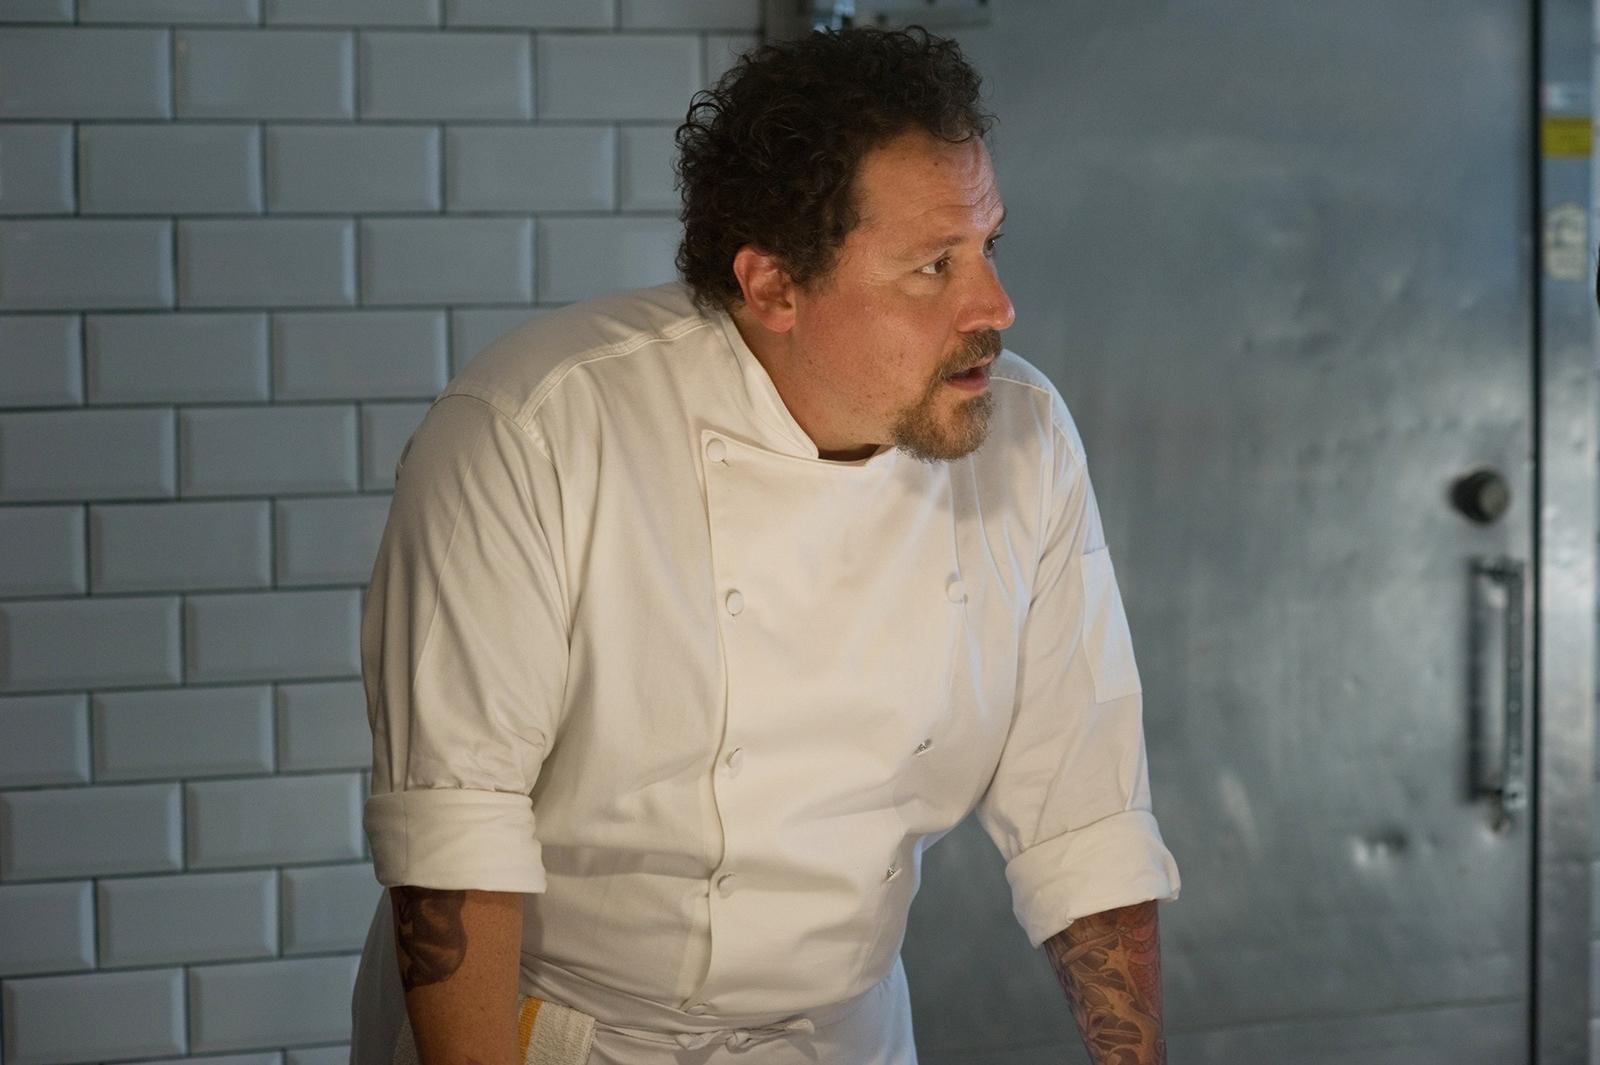 Chef - La ricetta perfetta: un primo piano di Jon Favreau